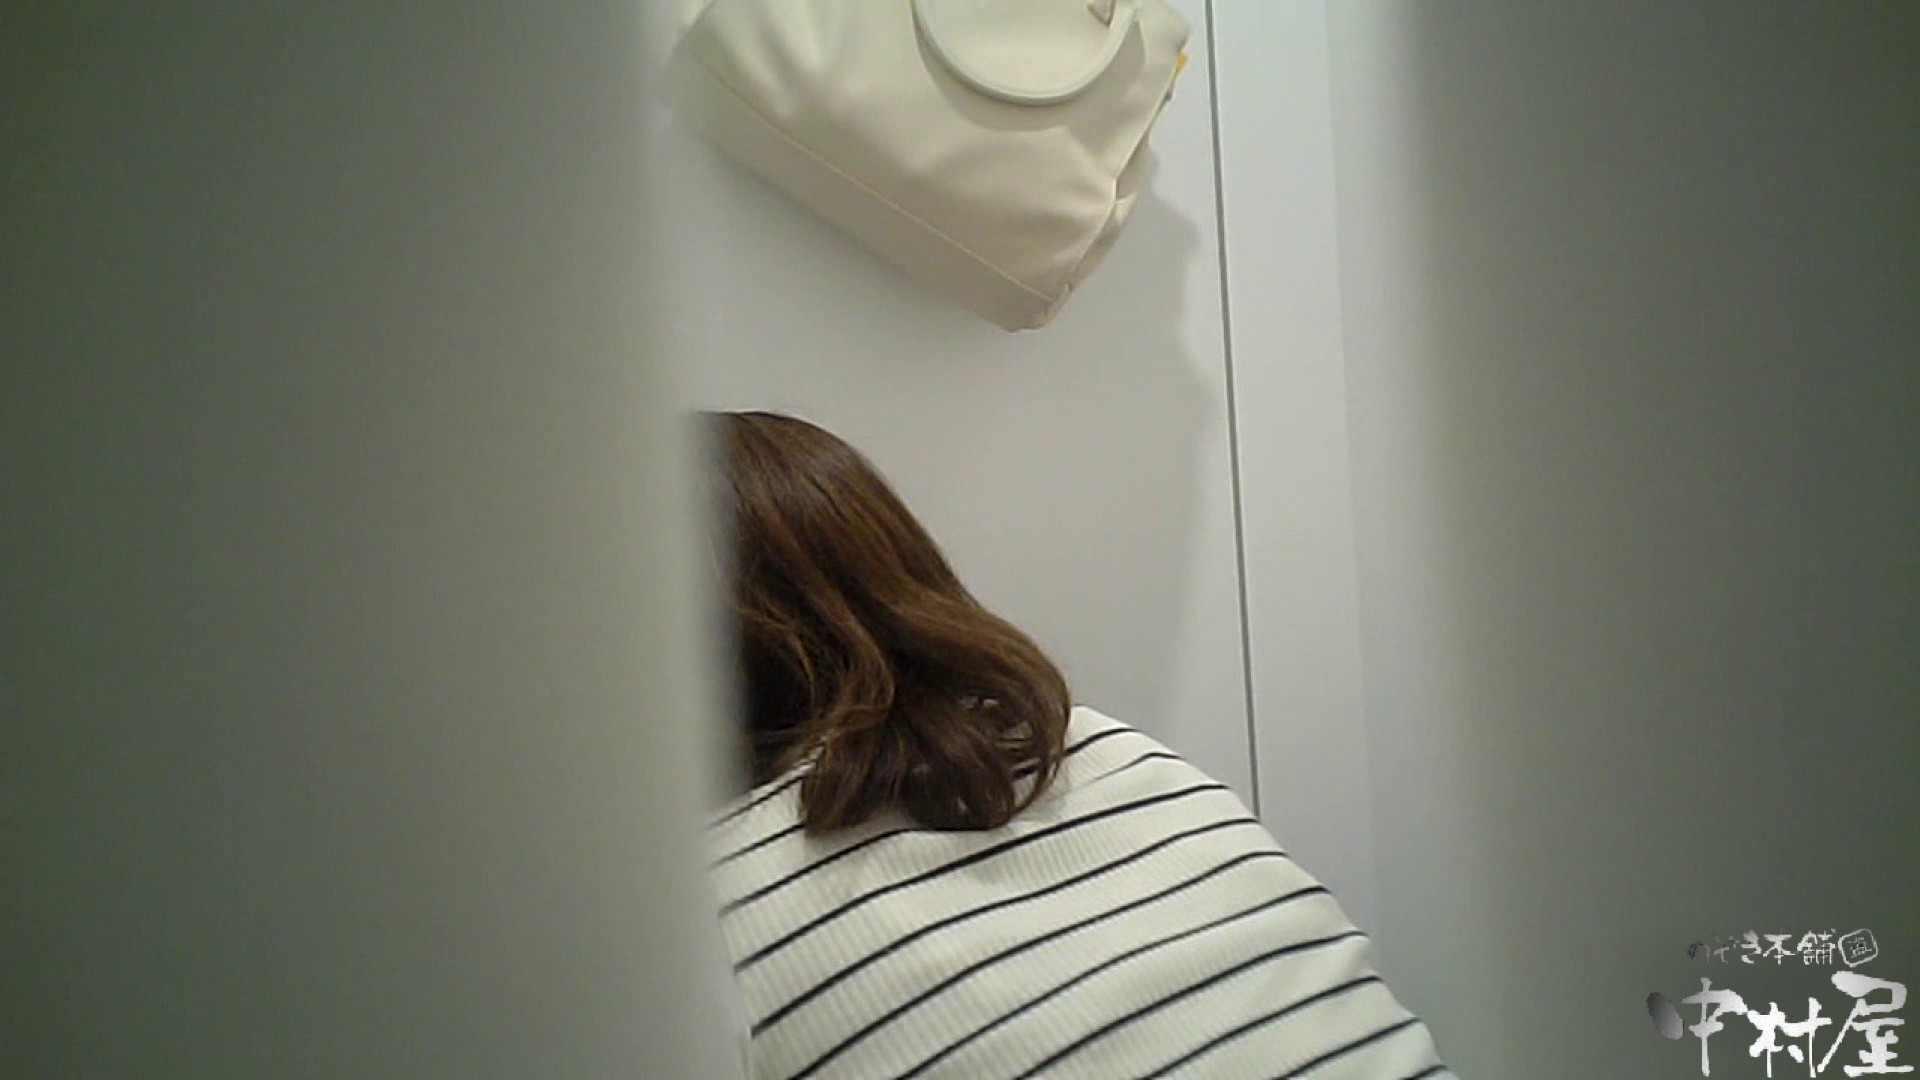 【某有名大学女性洗面所】有名大学女性洗面所 vol.37 ついでにアンダーヘアーの状態確認ですね。 潜入 | 洗面所  60連発 56